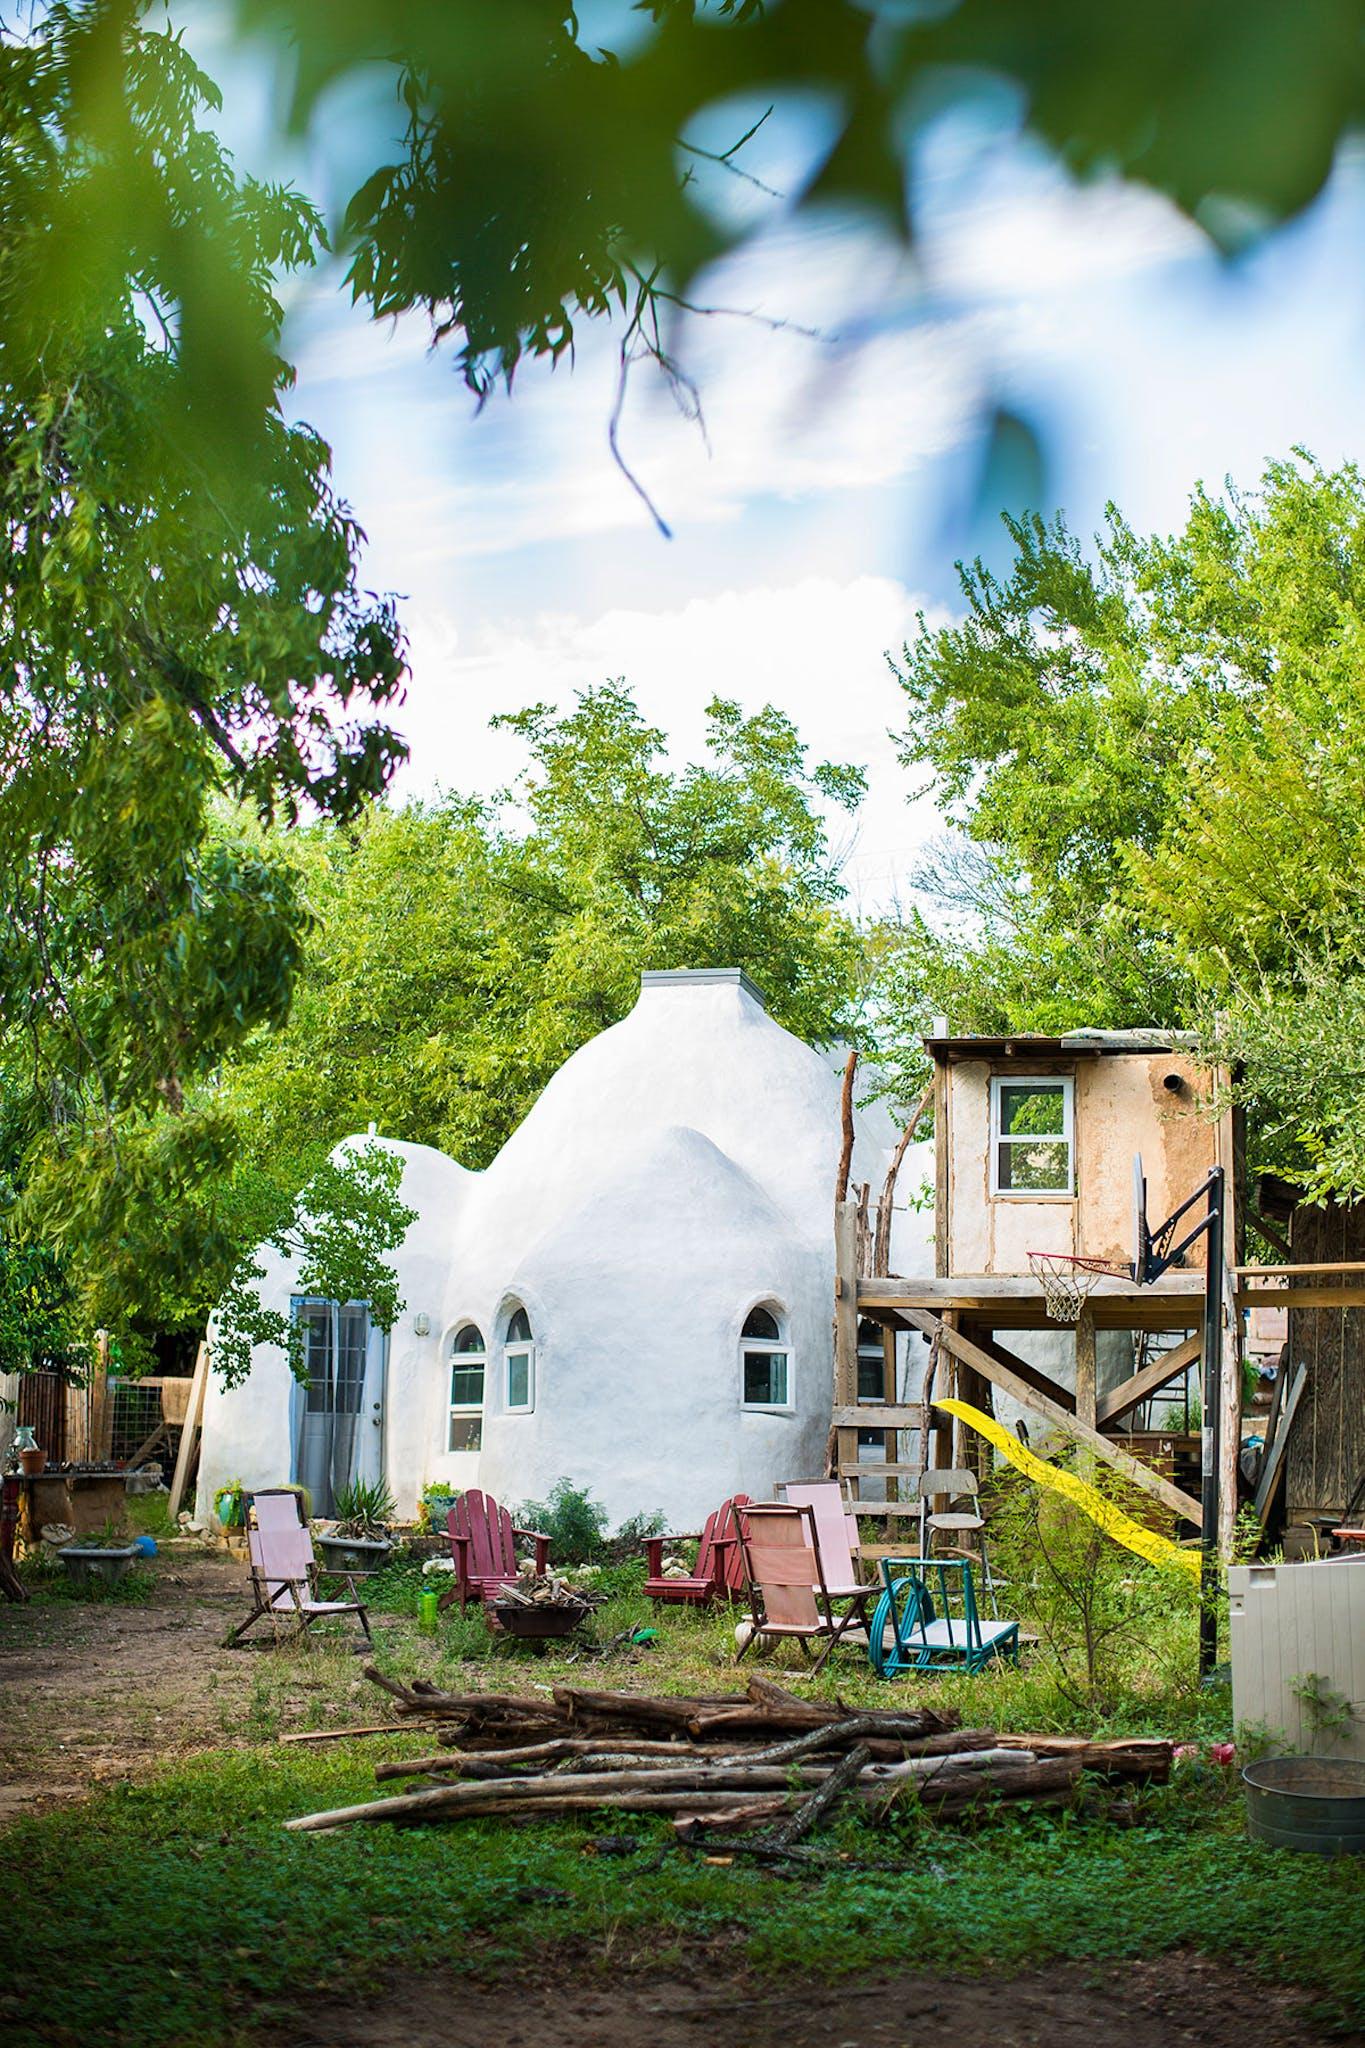 Weird Austin homes